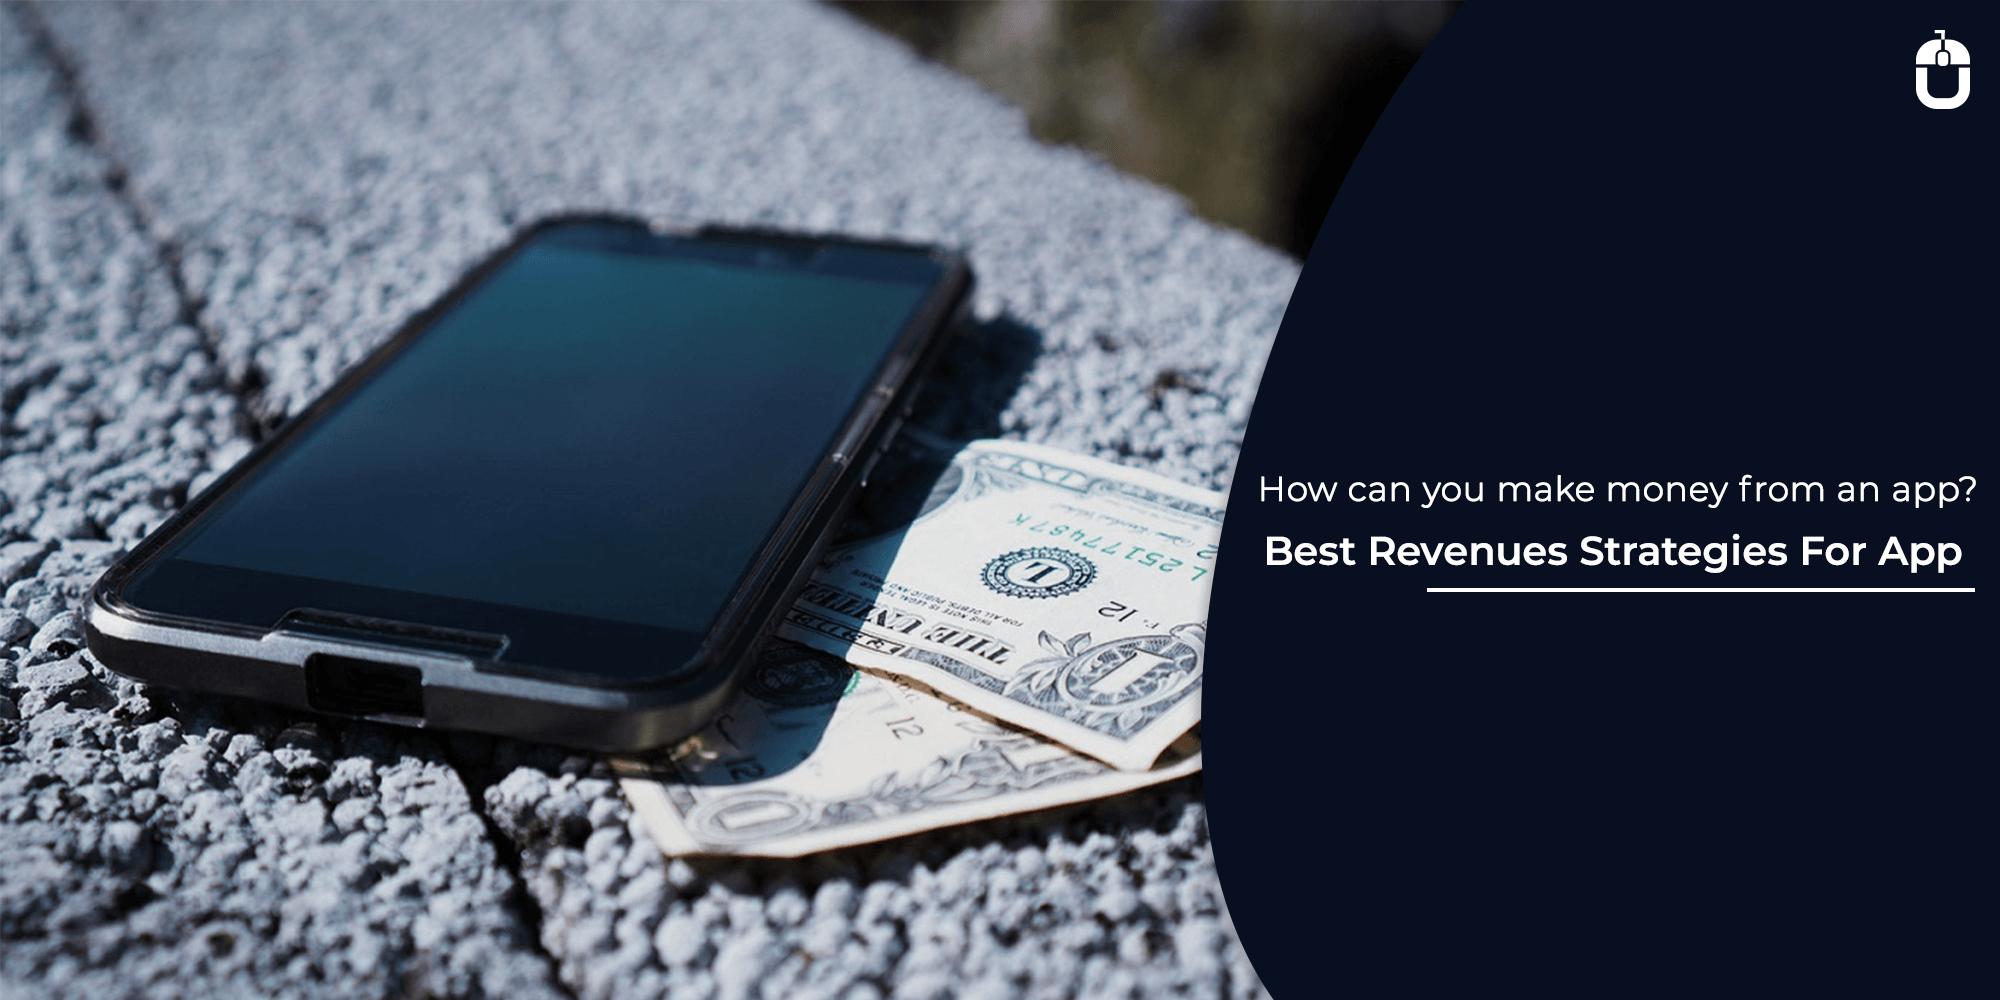 make money from an app